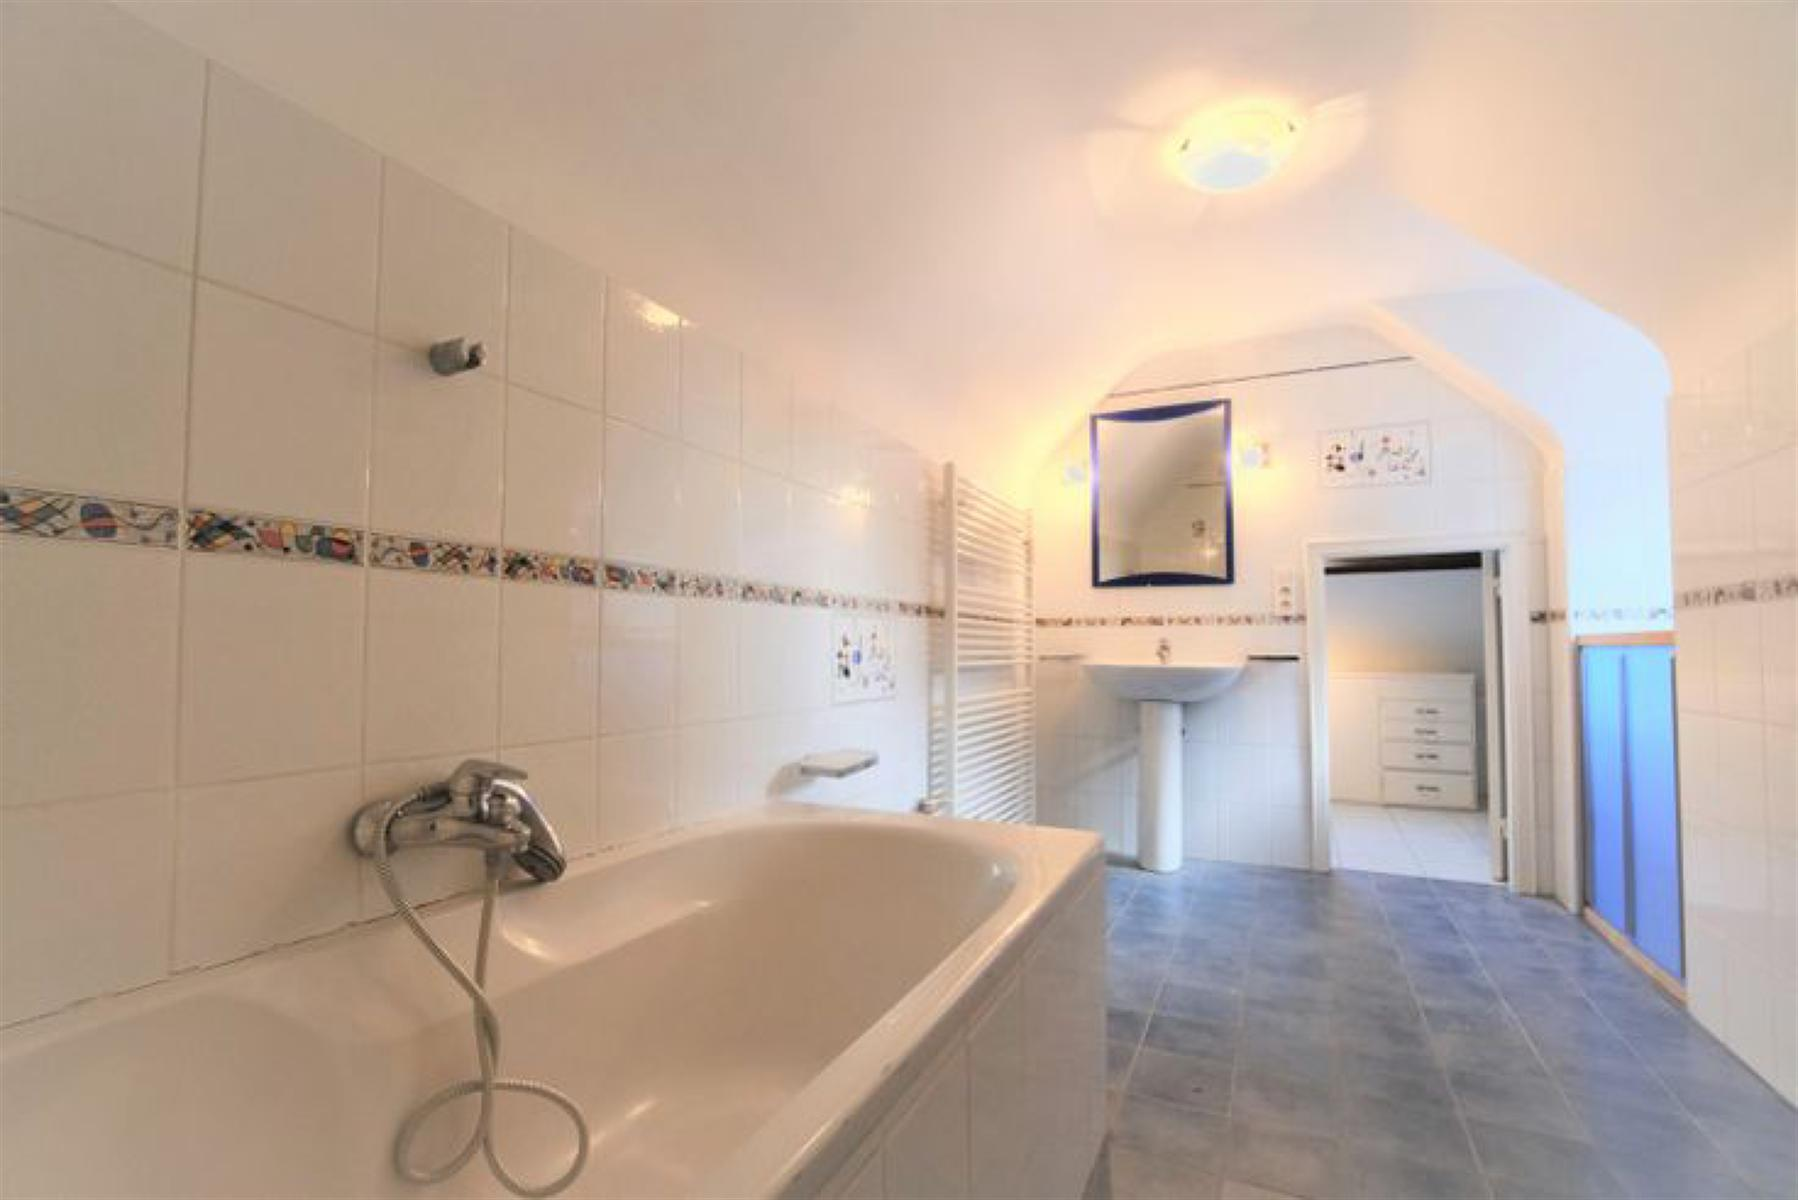 Appartement - Woluwe-Saint-Pierre - #4520815-12